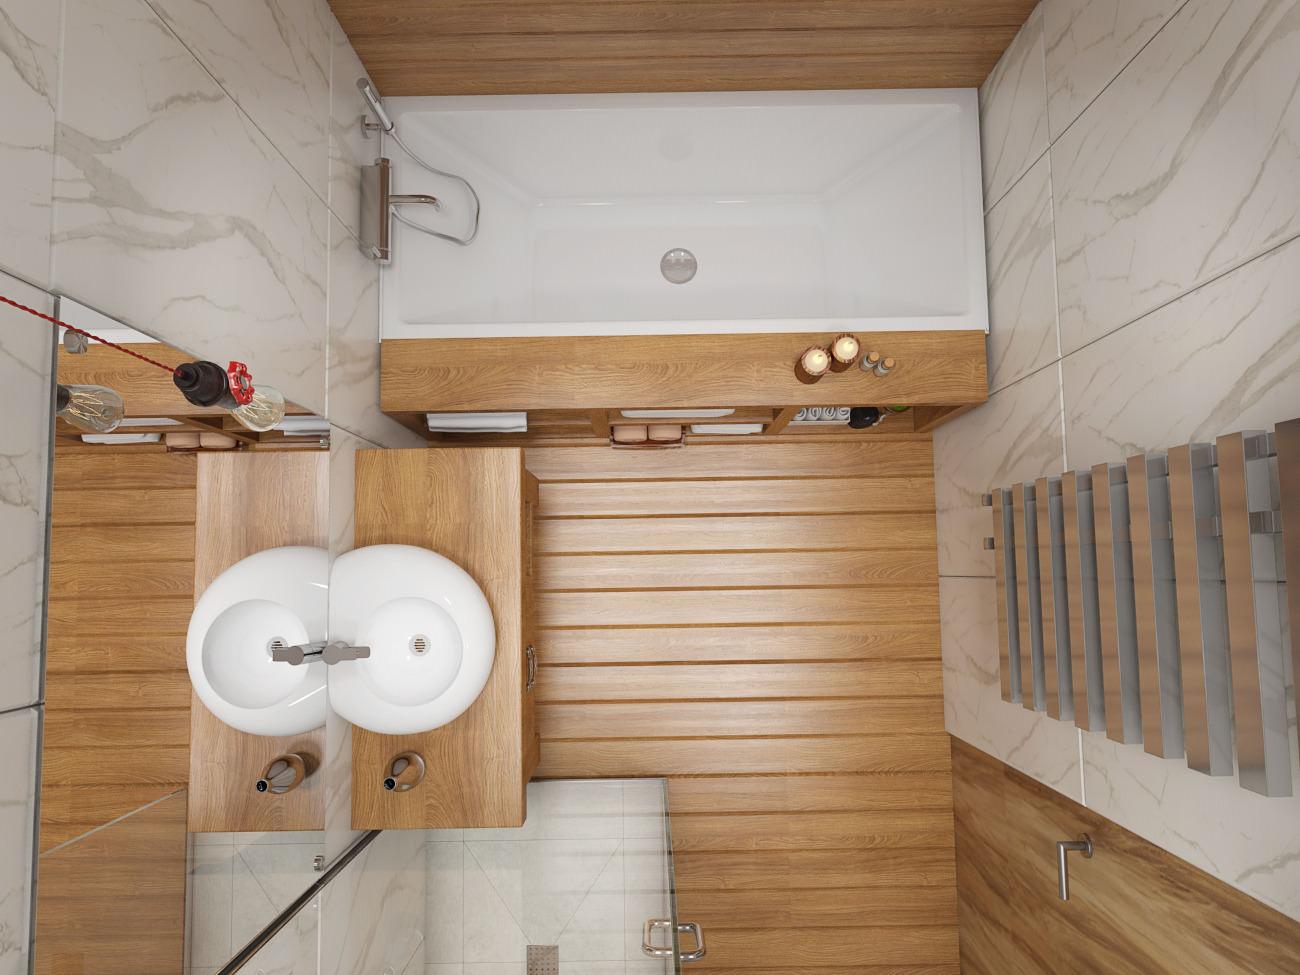 Планировка ванной комнаты 5 кв м с деревянной отделкой